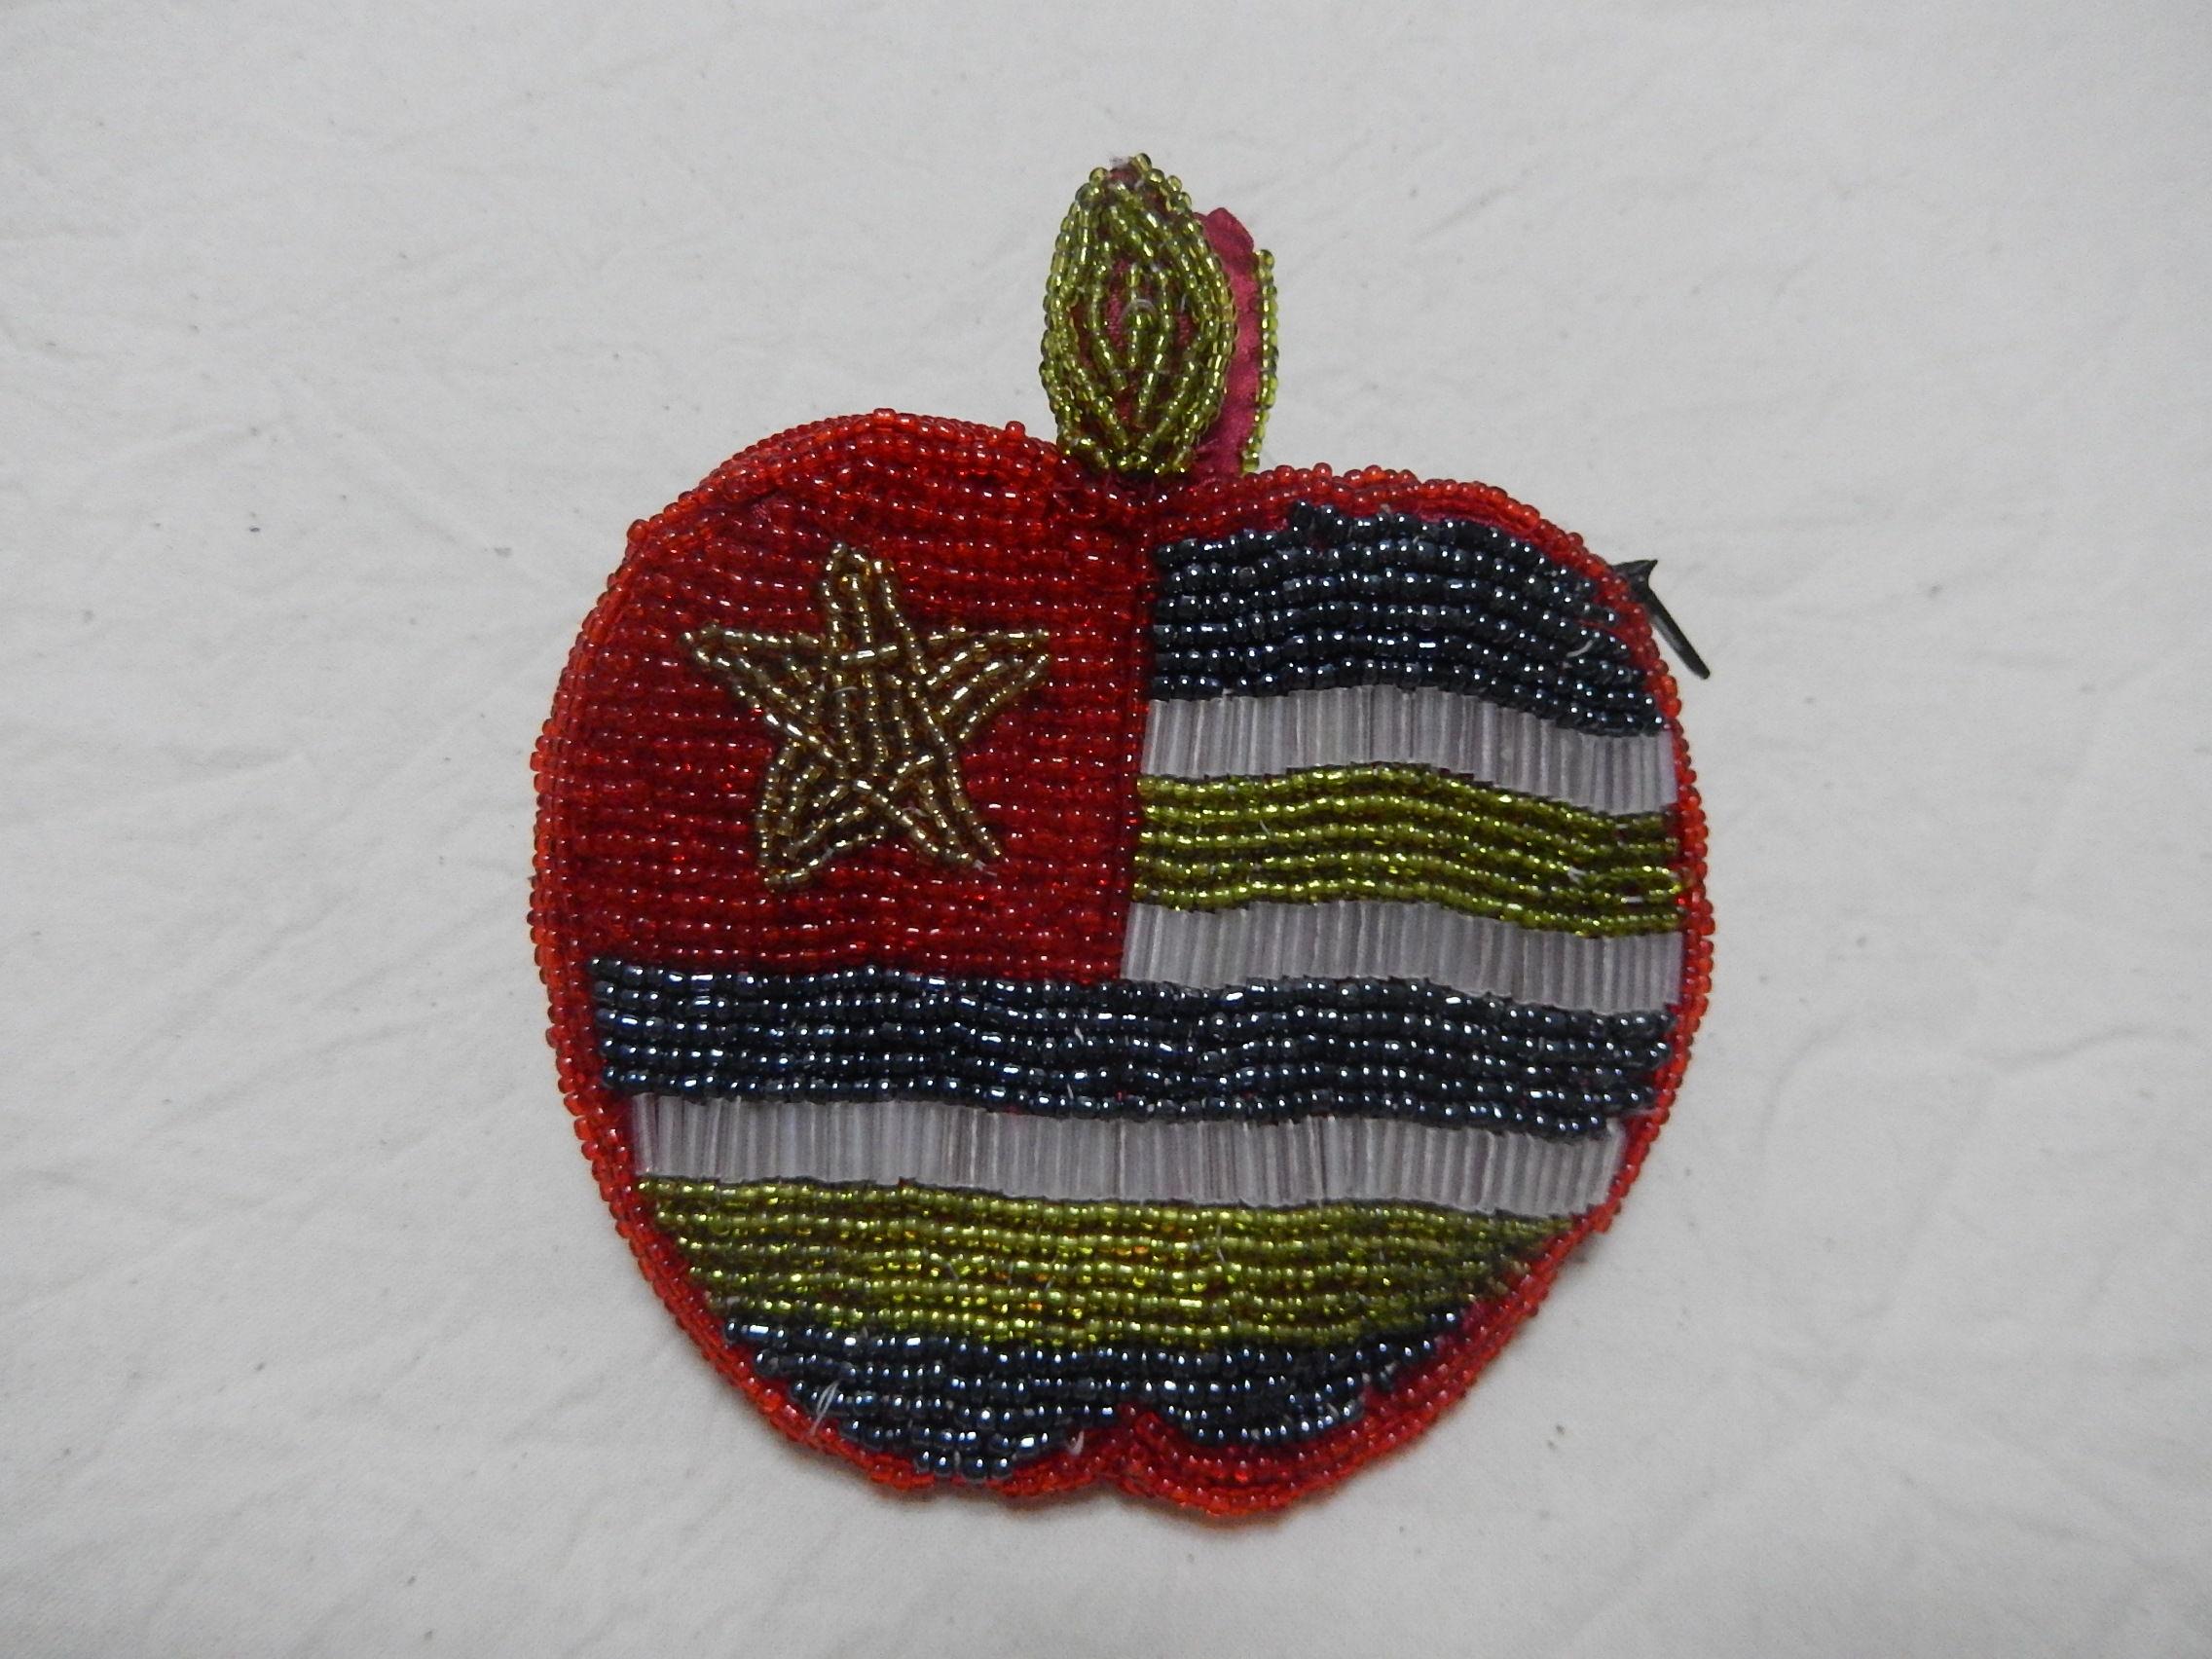 ベトナムのビーズポーチ りんご1